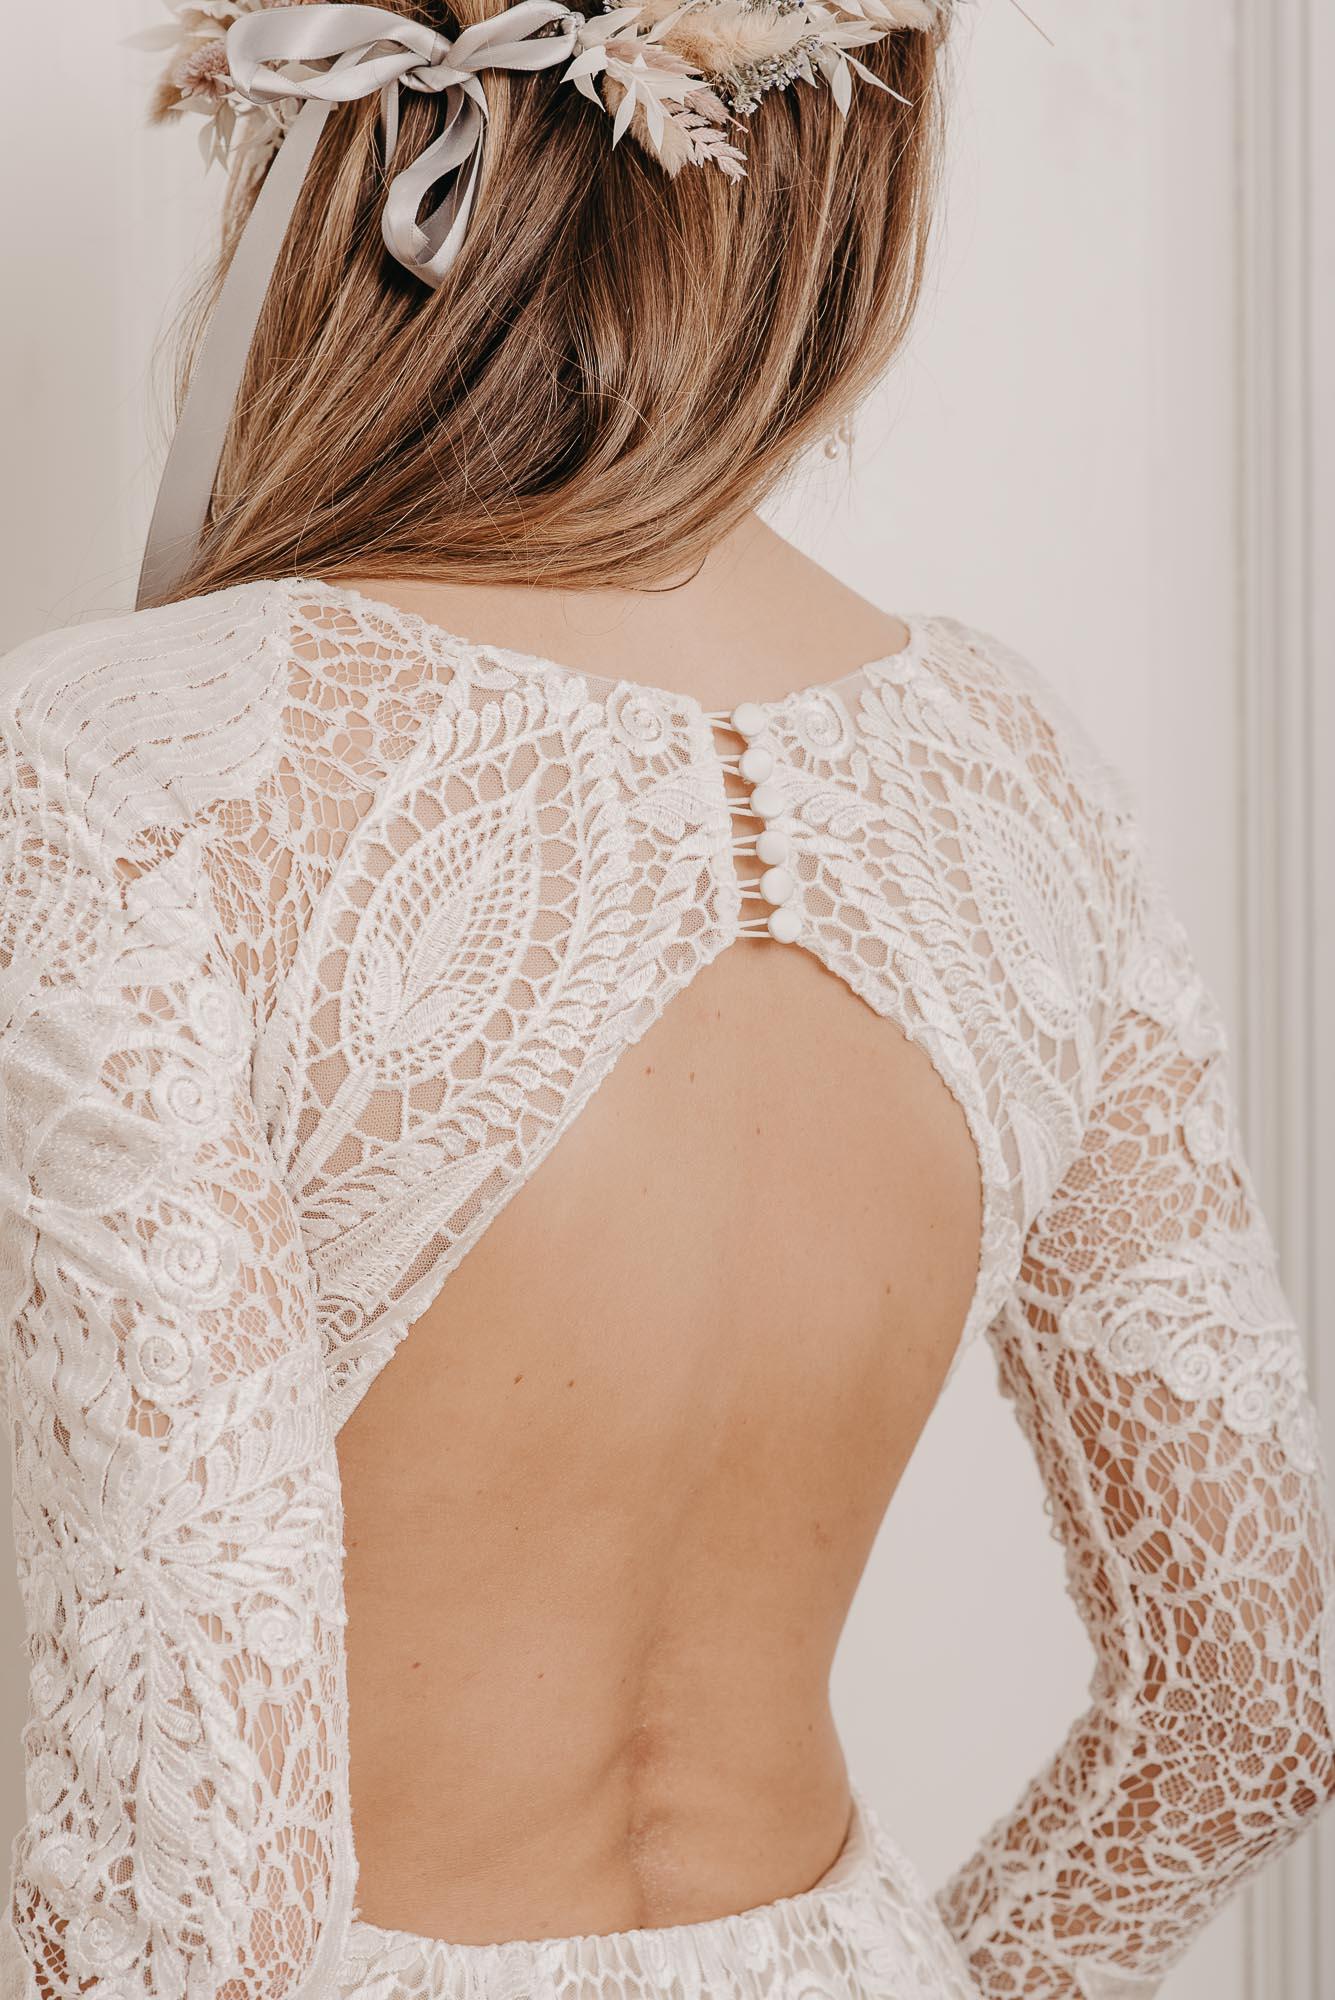 Laurel Brautkleid Rückenausschnitt - Brautmode von Oonce